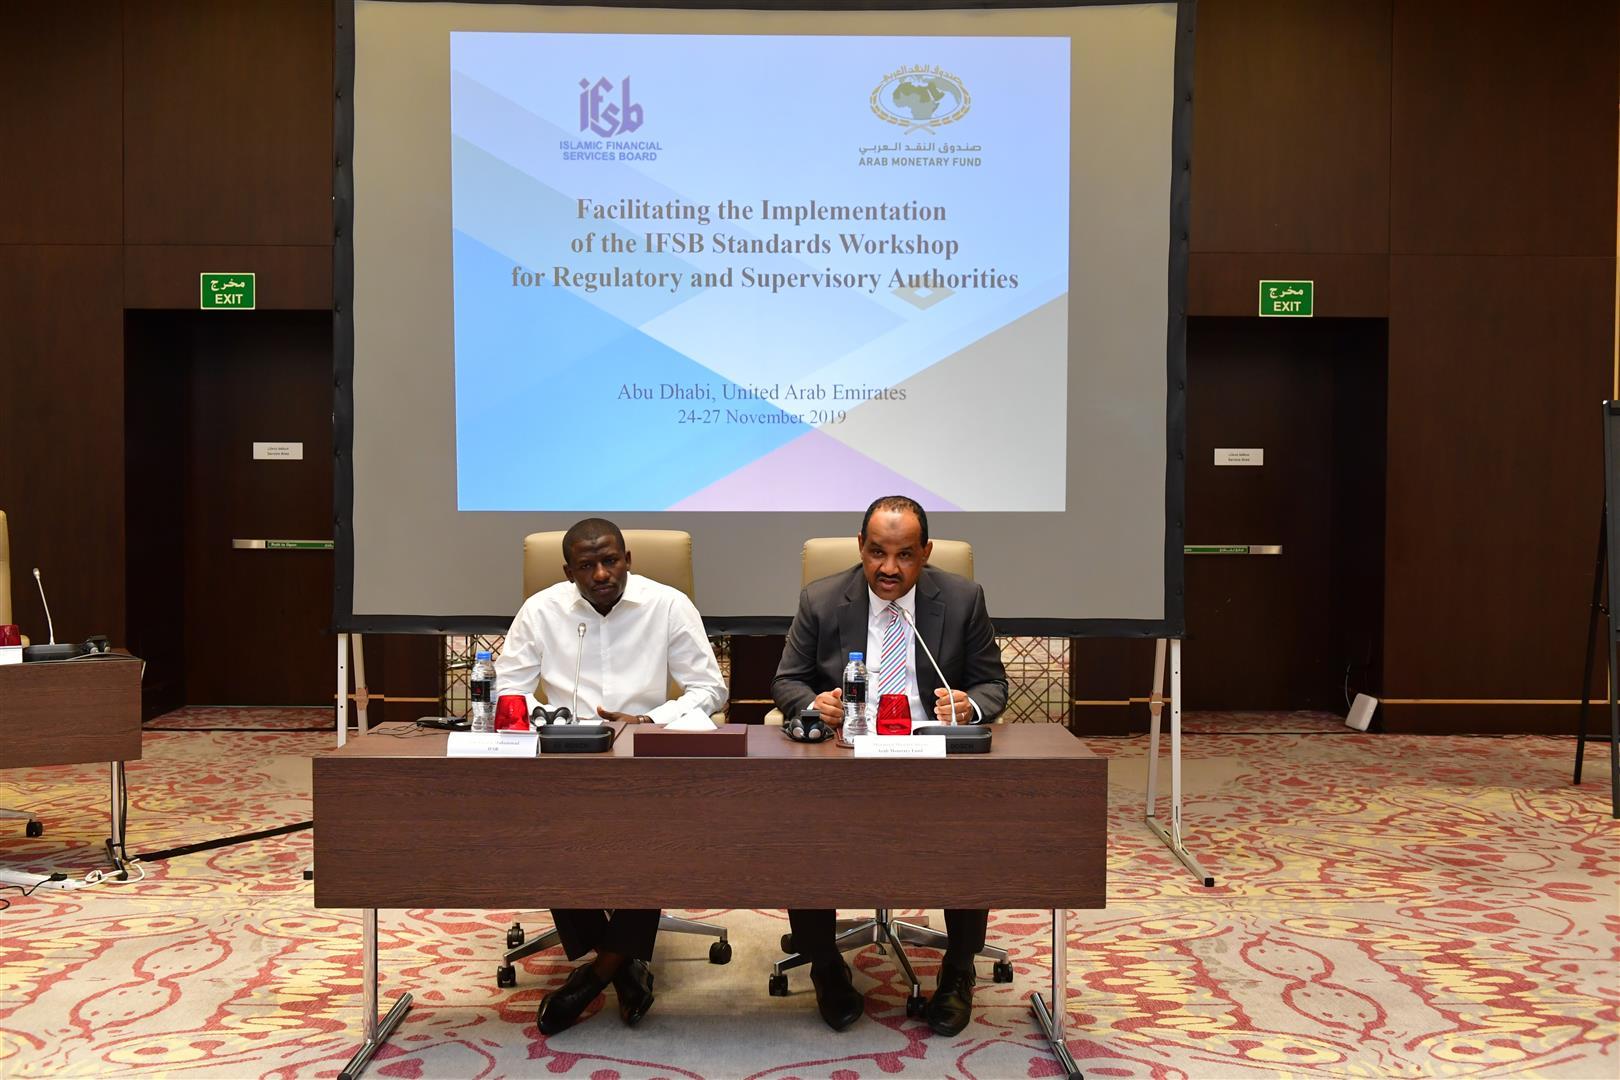 معالي الدكتور عبدالرحمن بن عبدالله الحميدي، المدير العام رئيس مجلس إدارة صندوق النقد العربي: